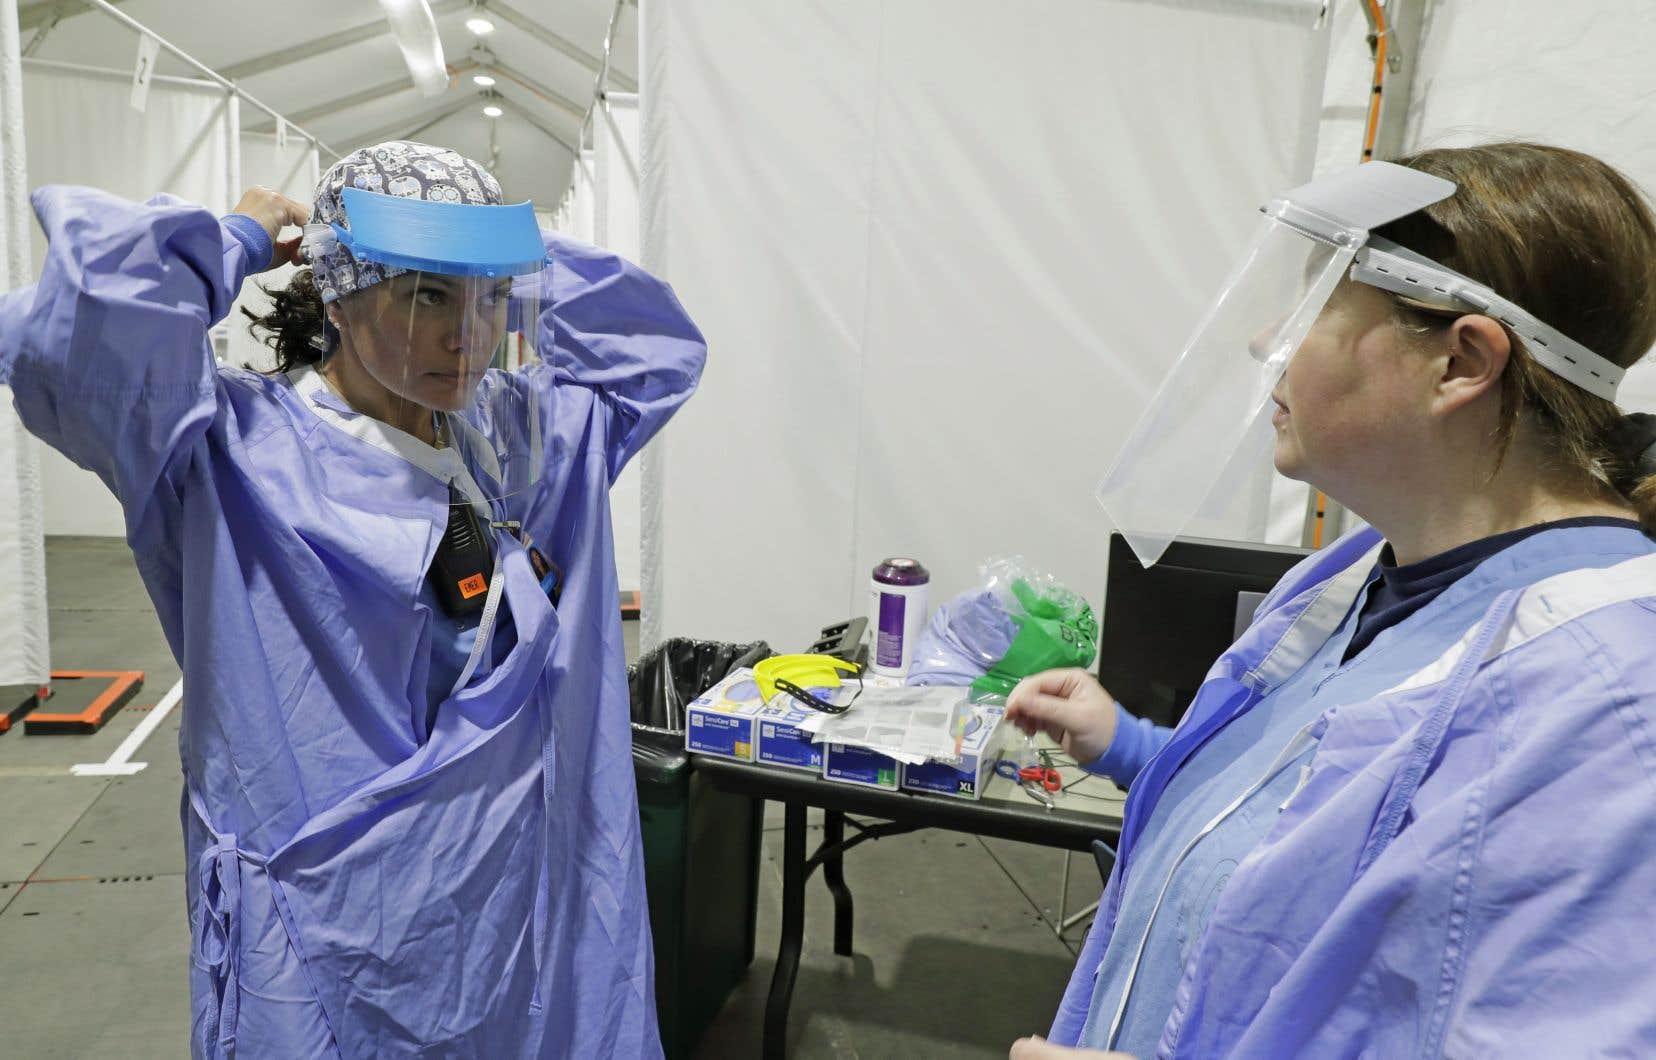 Pour le moment, il est question de blouses de protection lavables pour les médecins, les infirmières ou encore les ambulanciers.